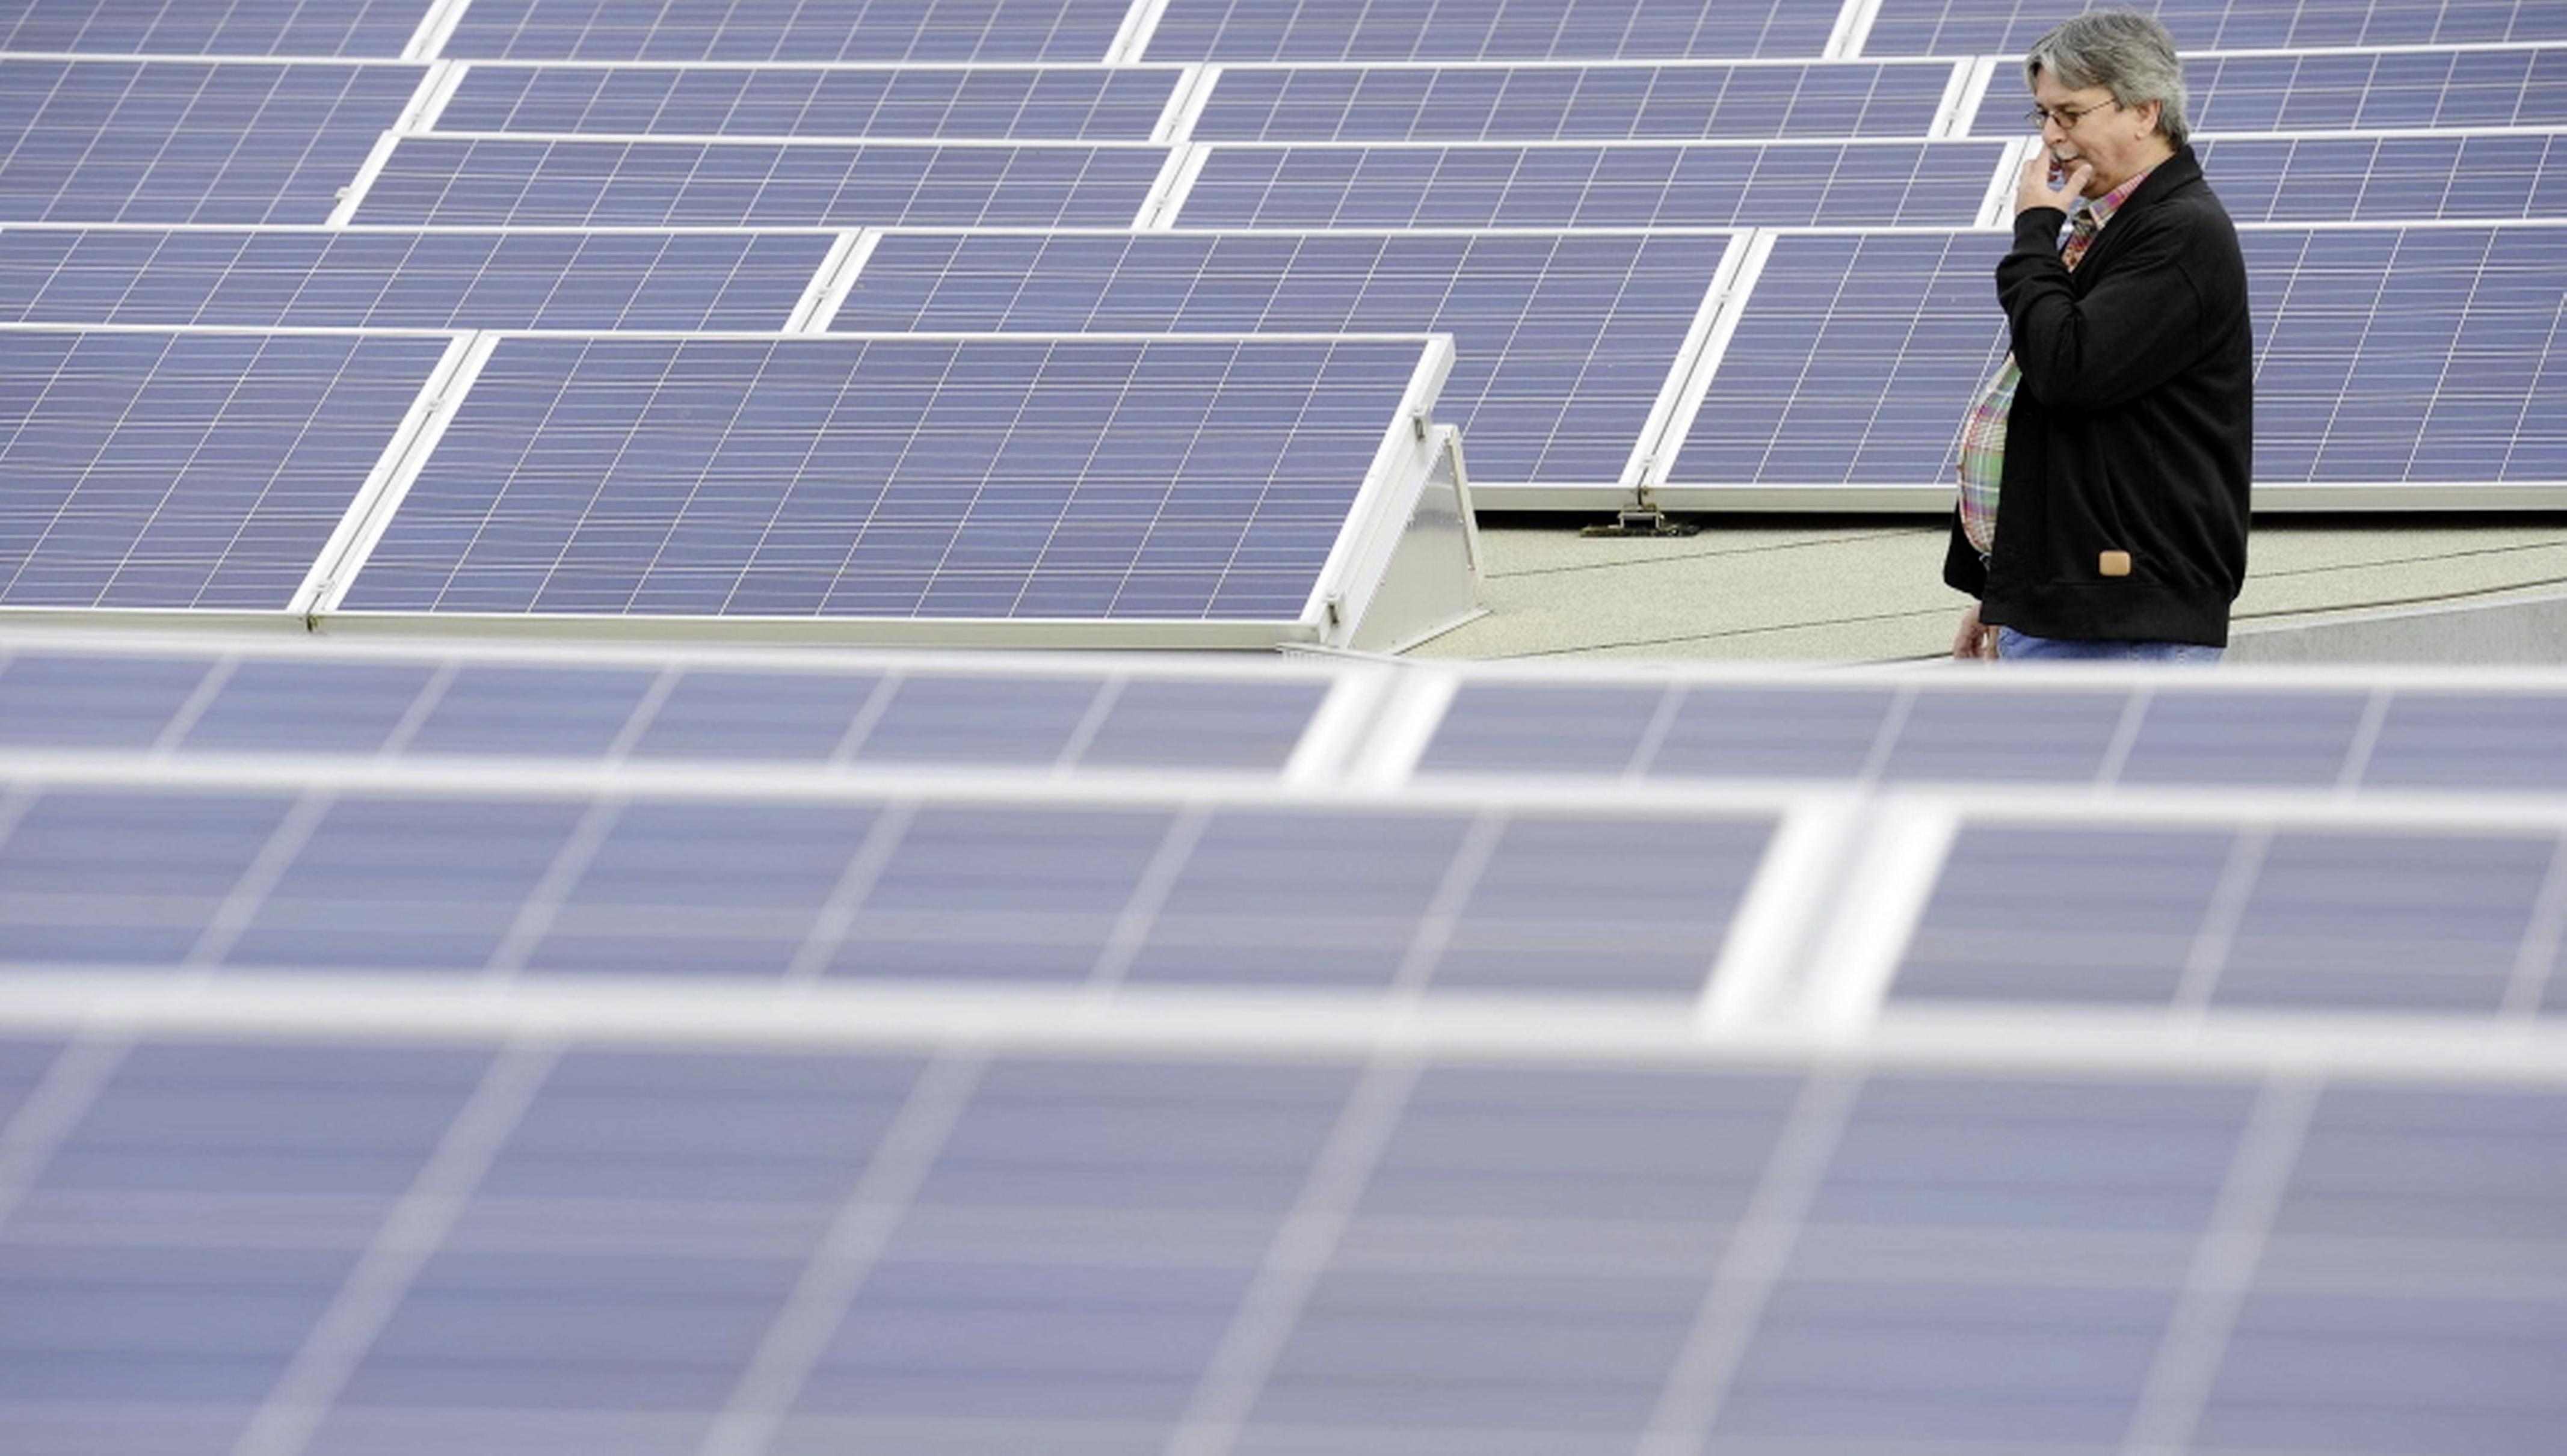 Veel zonnepanelen plaatsen op bedrijfspand in Medemblik? Dat kan mogelijk niet